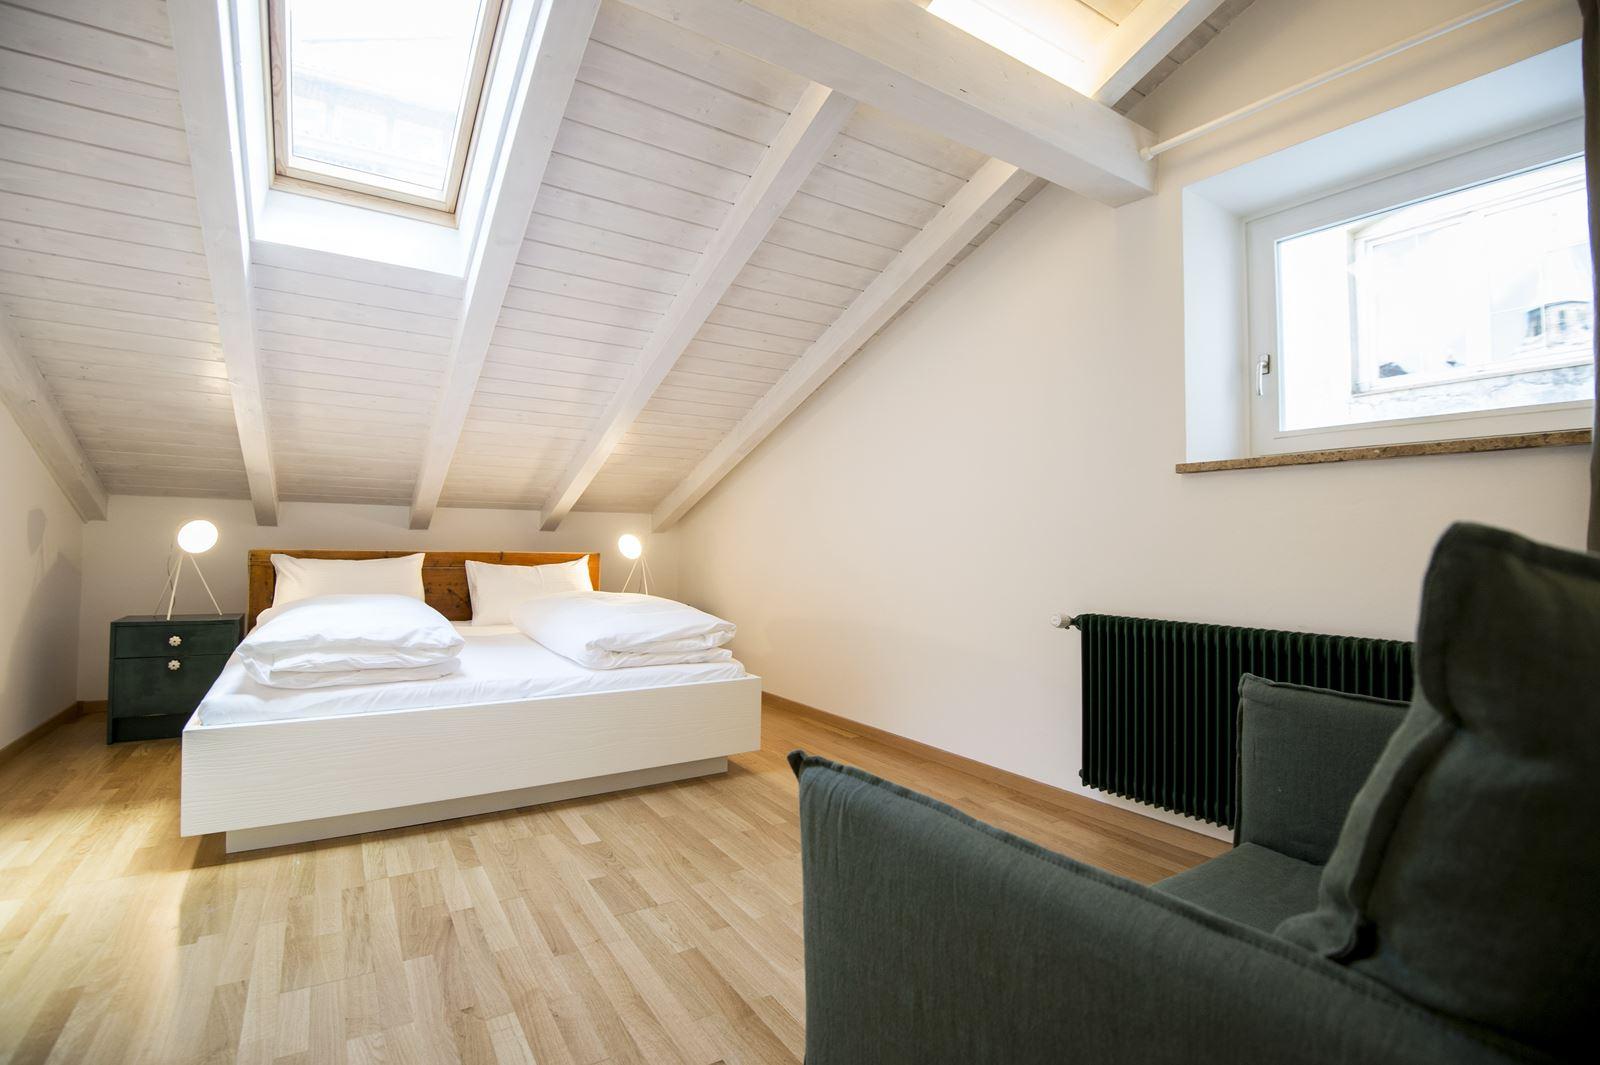 Una mansarda per le vacanze in montagna for Camera da letto sopra il garage